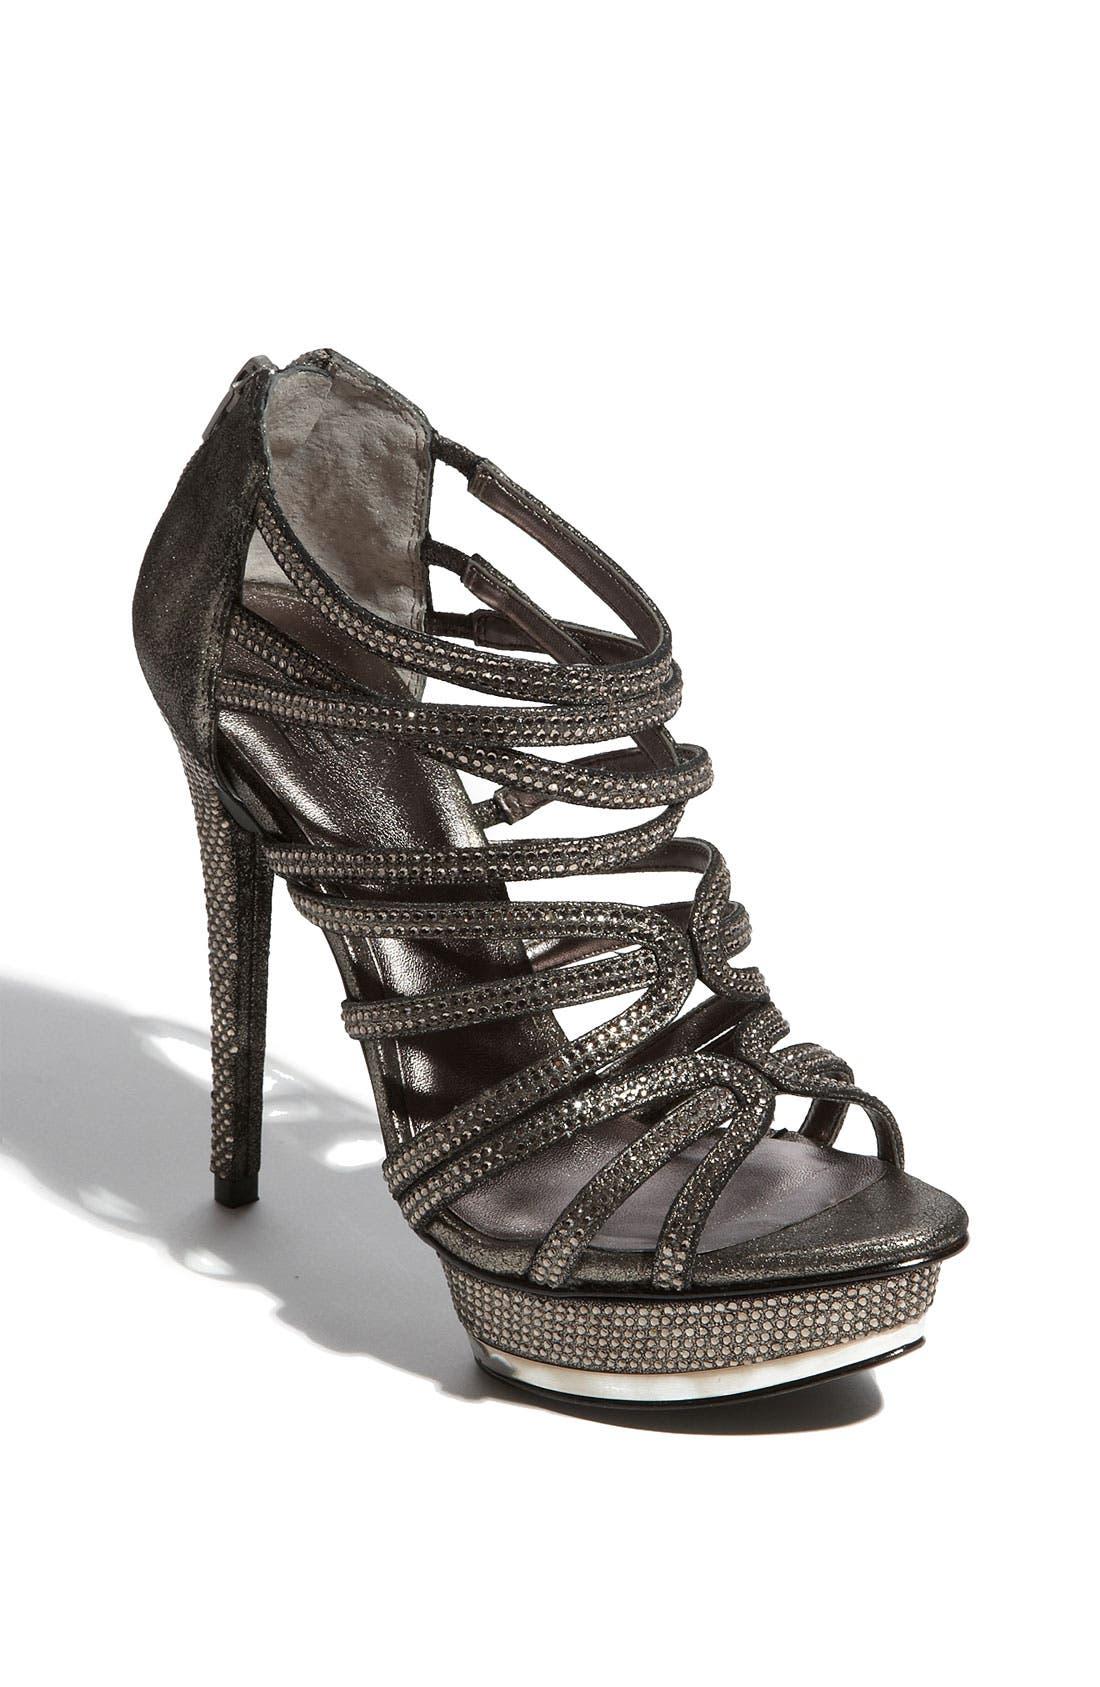 Main Image - Pelle Moda 'Augusta' Sandal